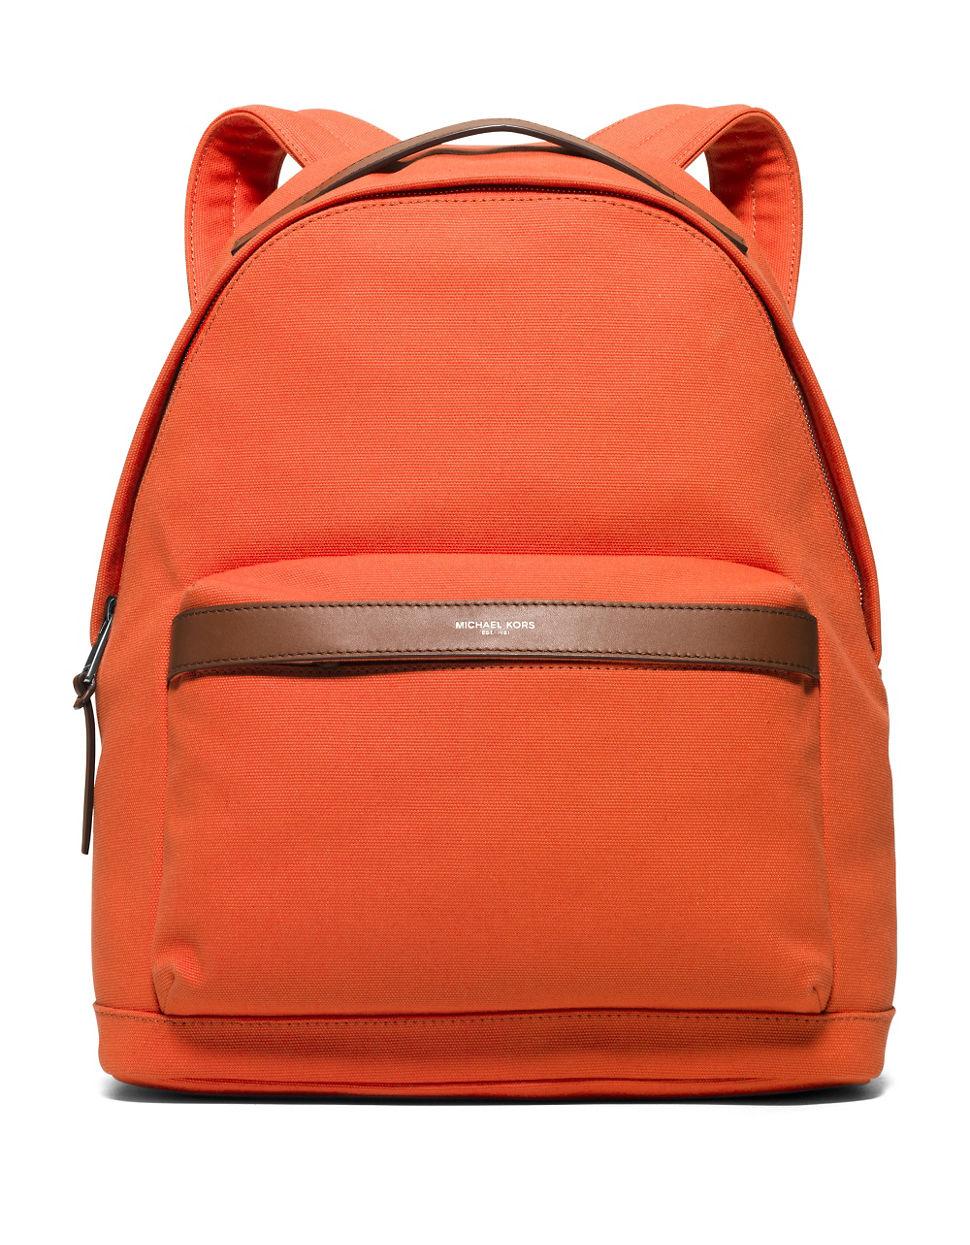 7b04a478e042 Lyst - Michael Kors Grant Backpack in Orange for Men